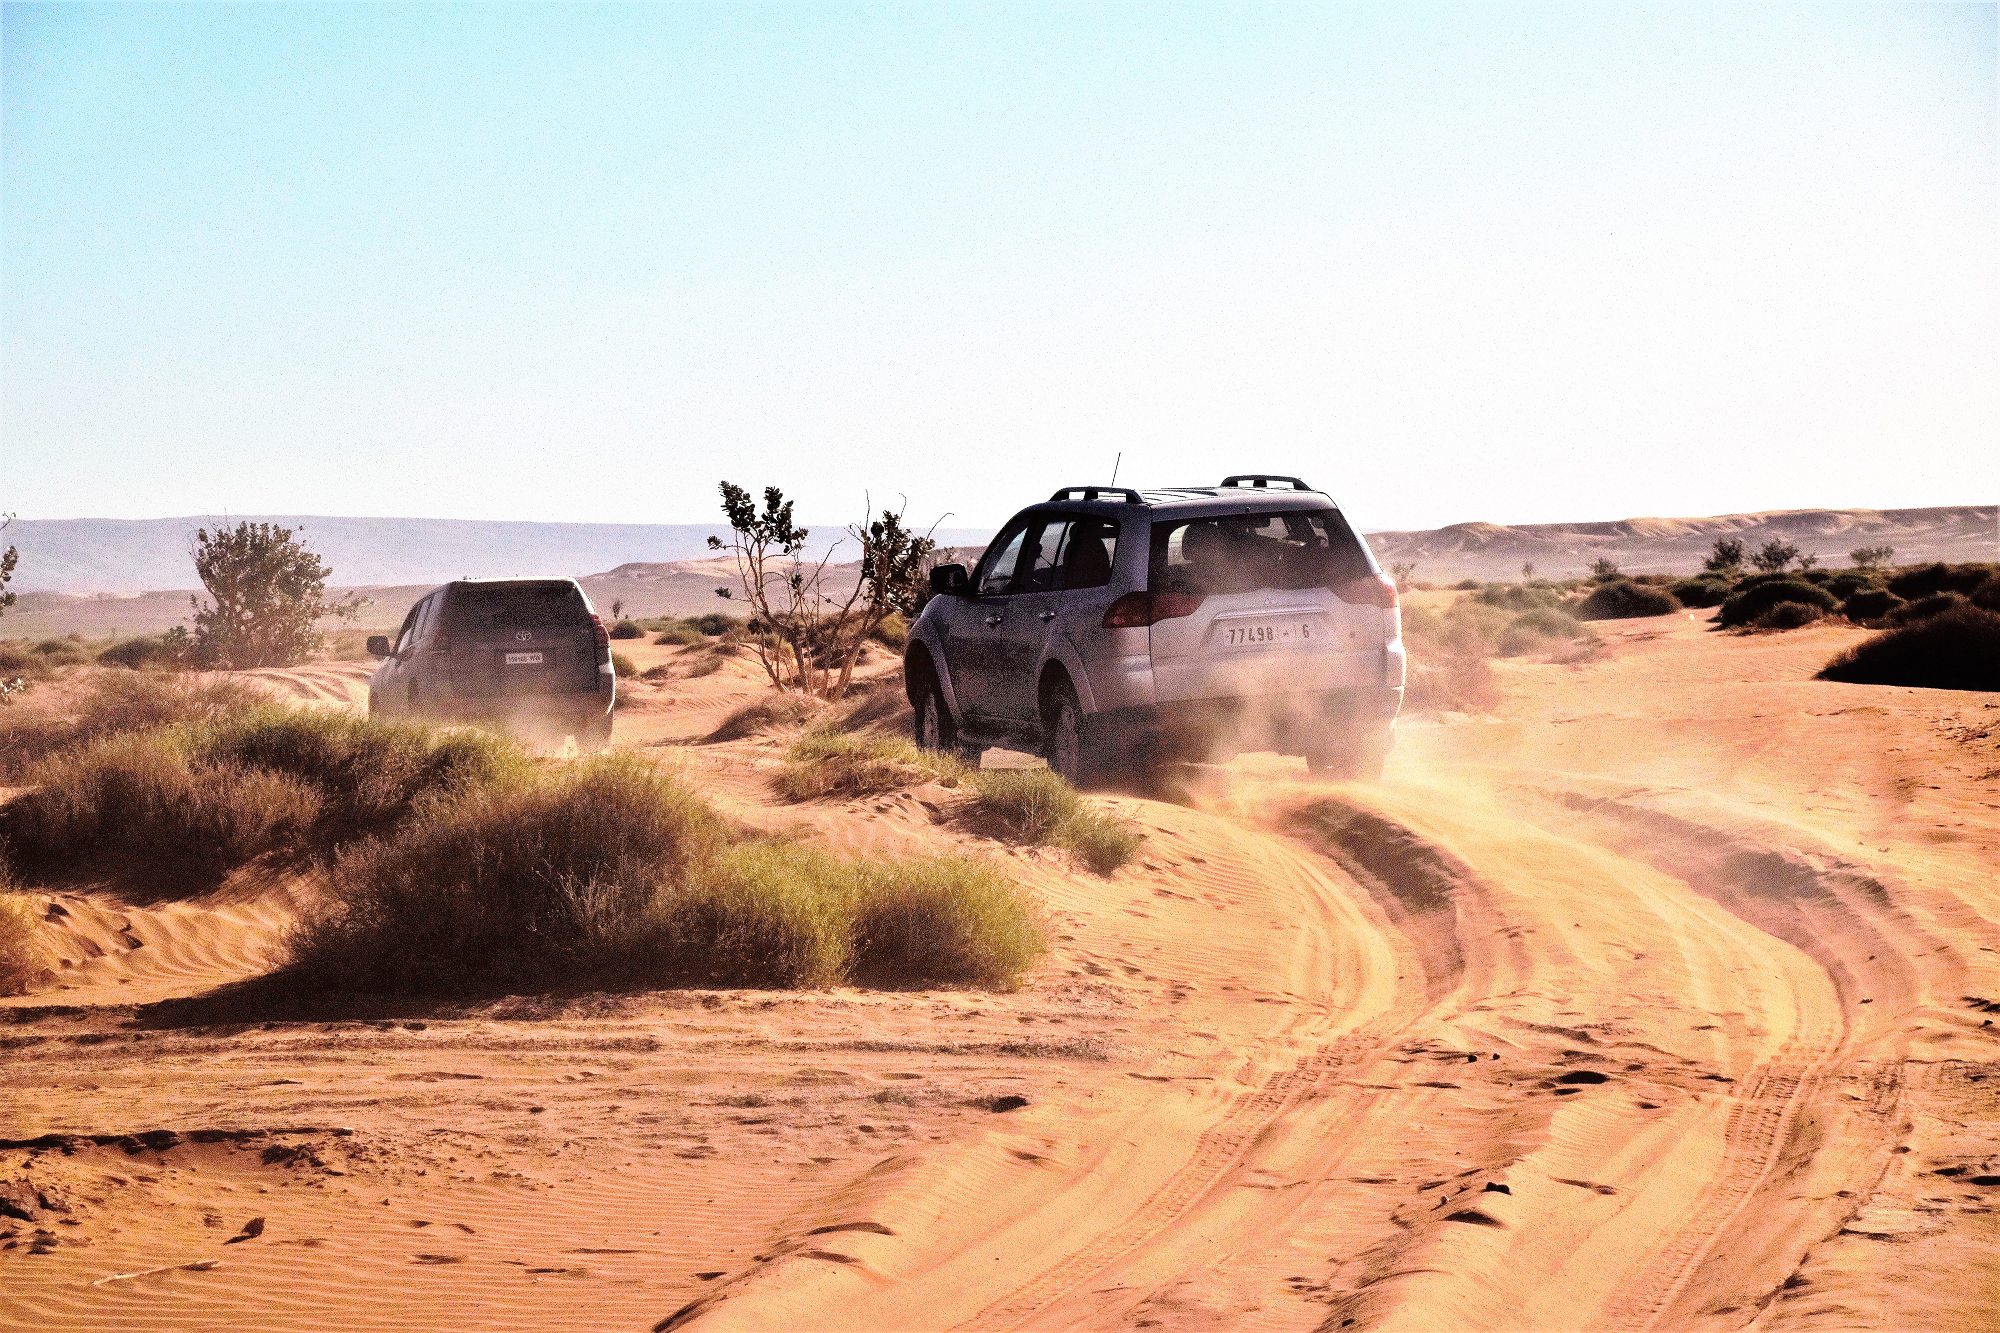 3 daagse privétour van Marrakech naar de woestijn van Merzouga